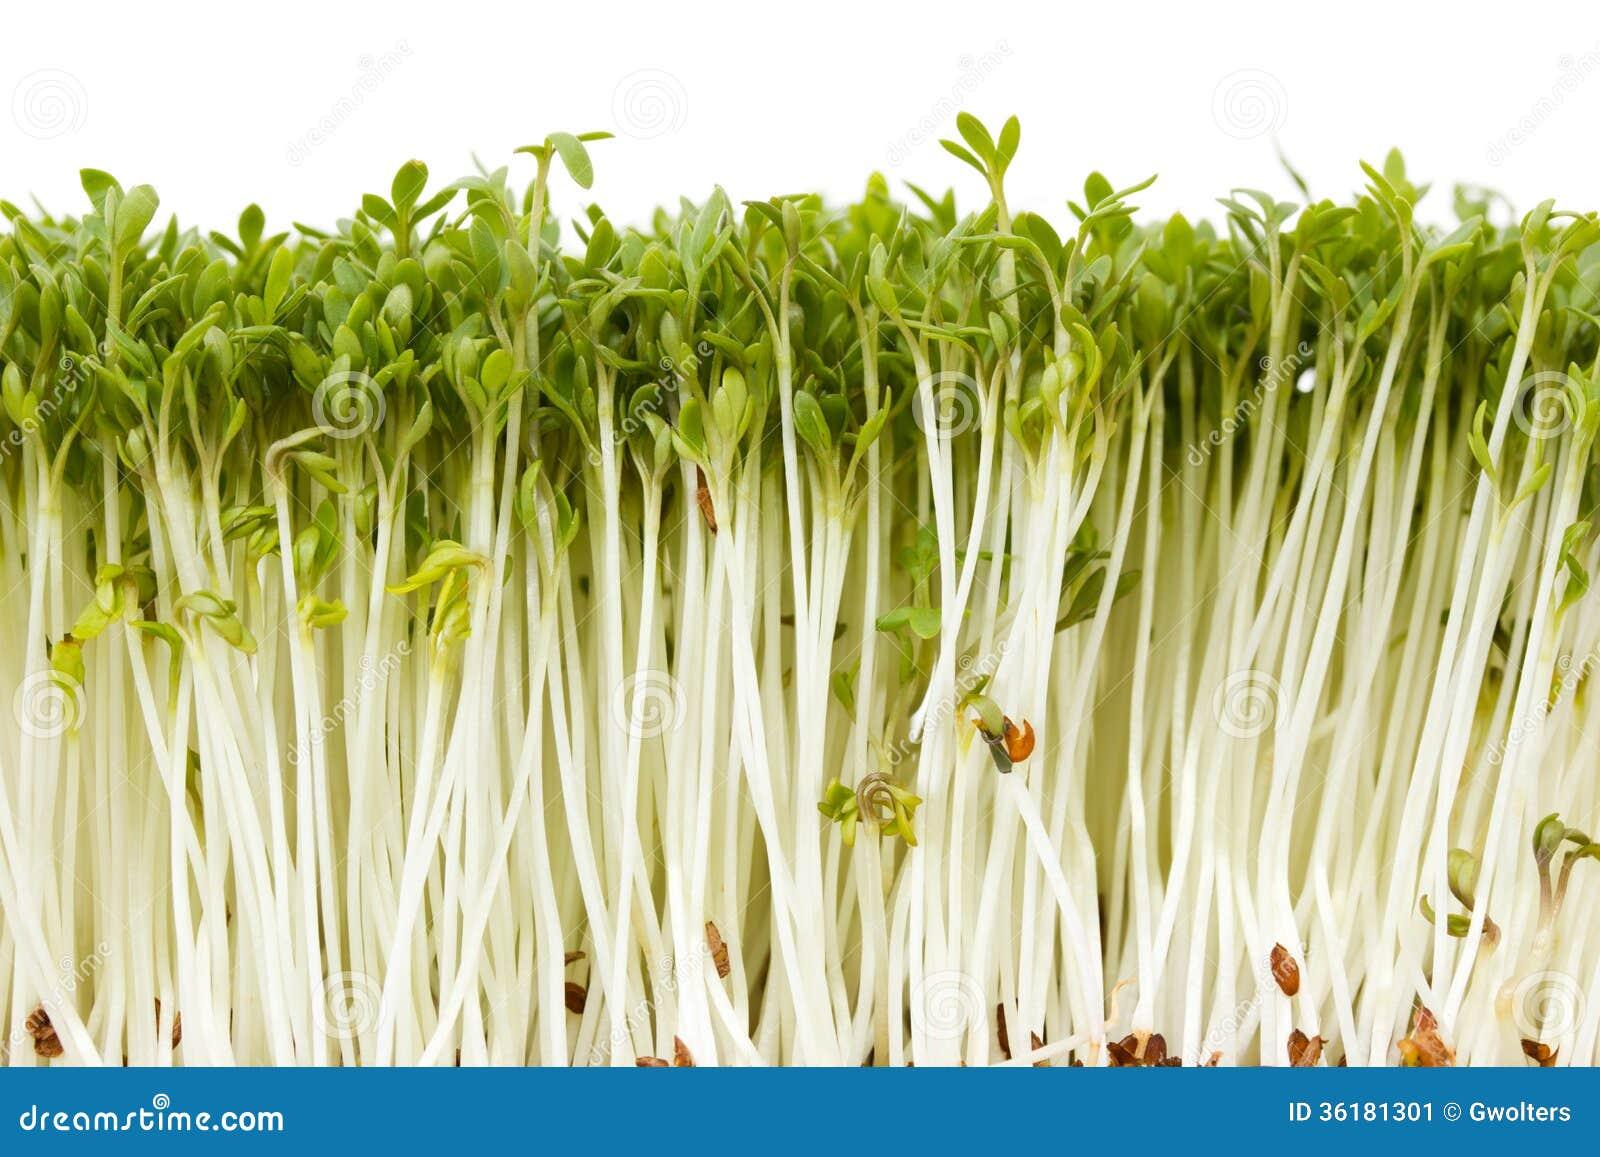 delicious garden cress - Delicious Garden